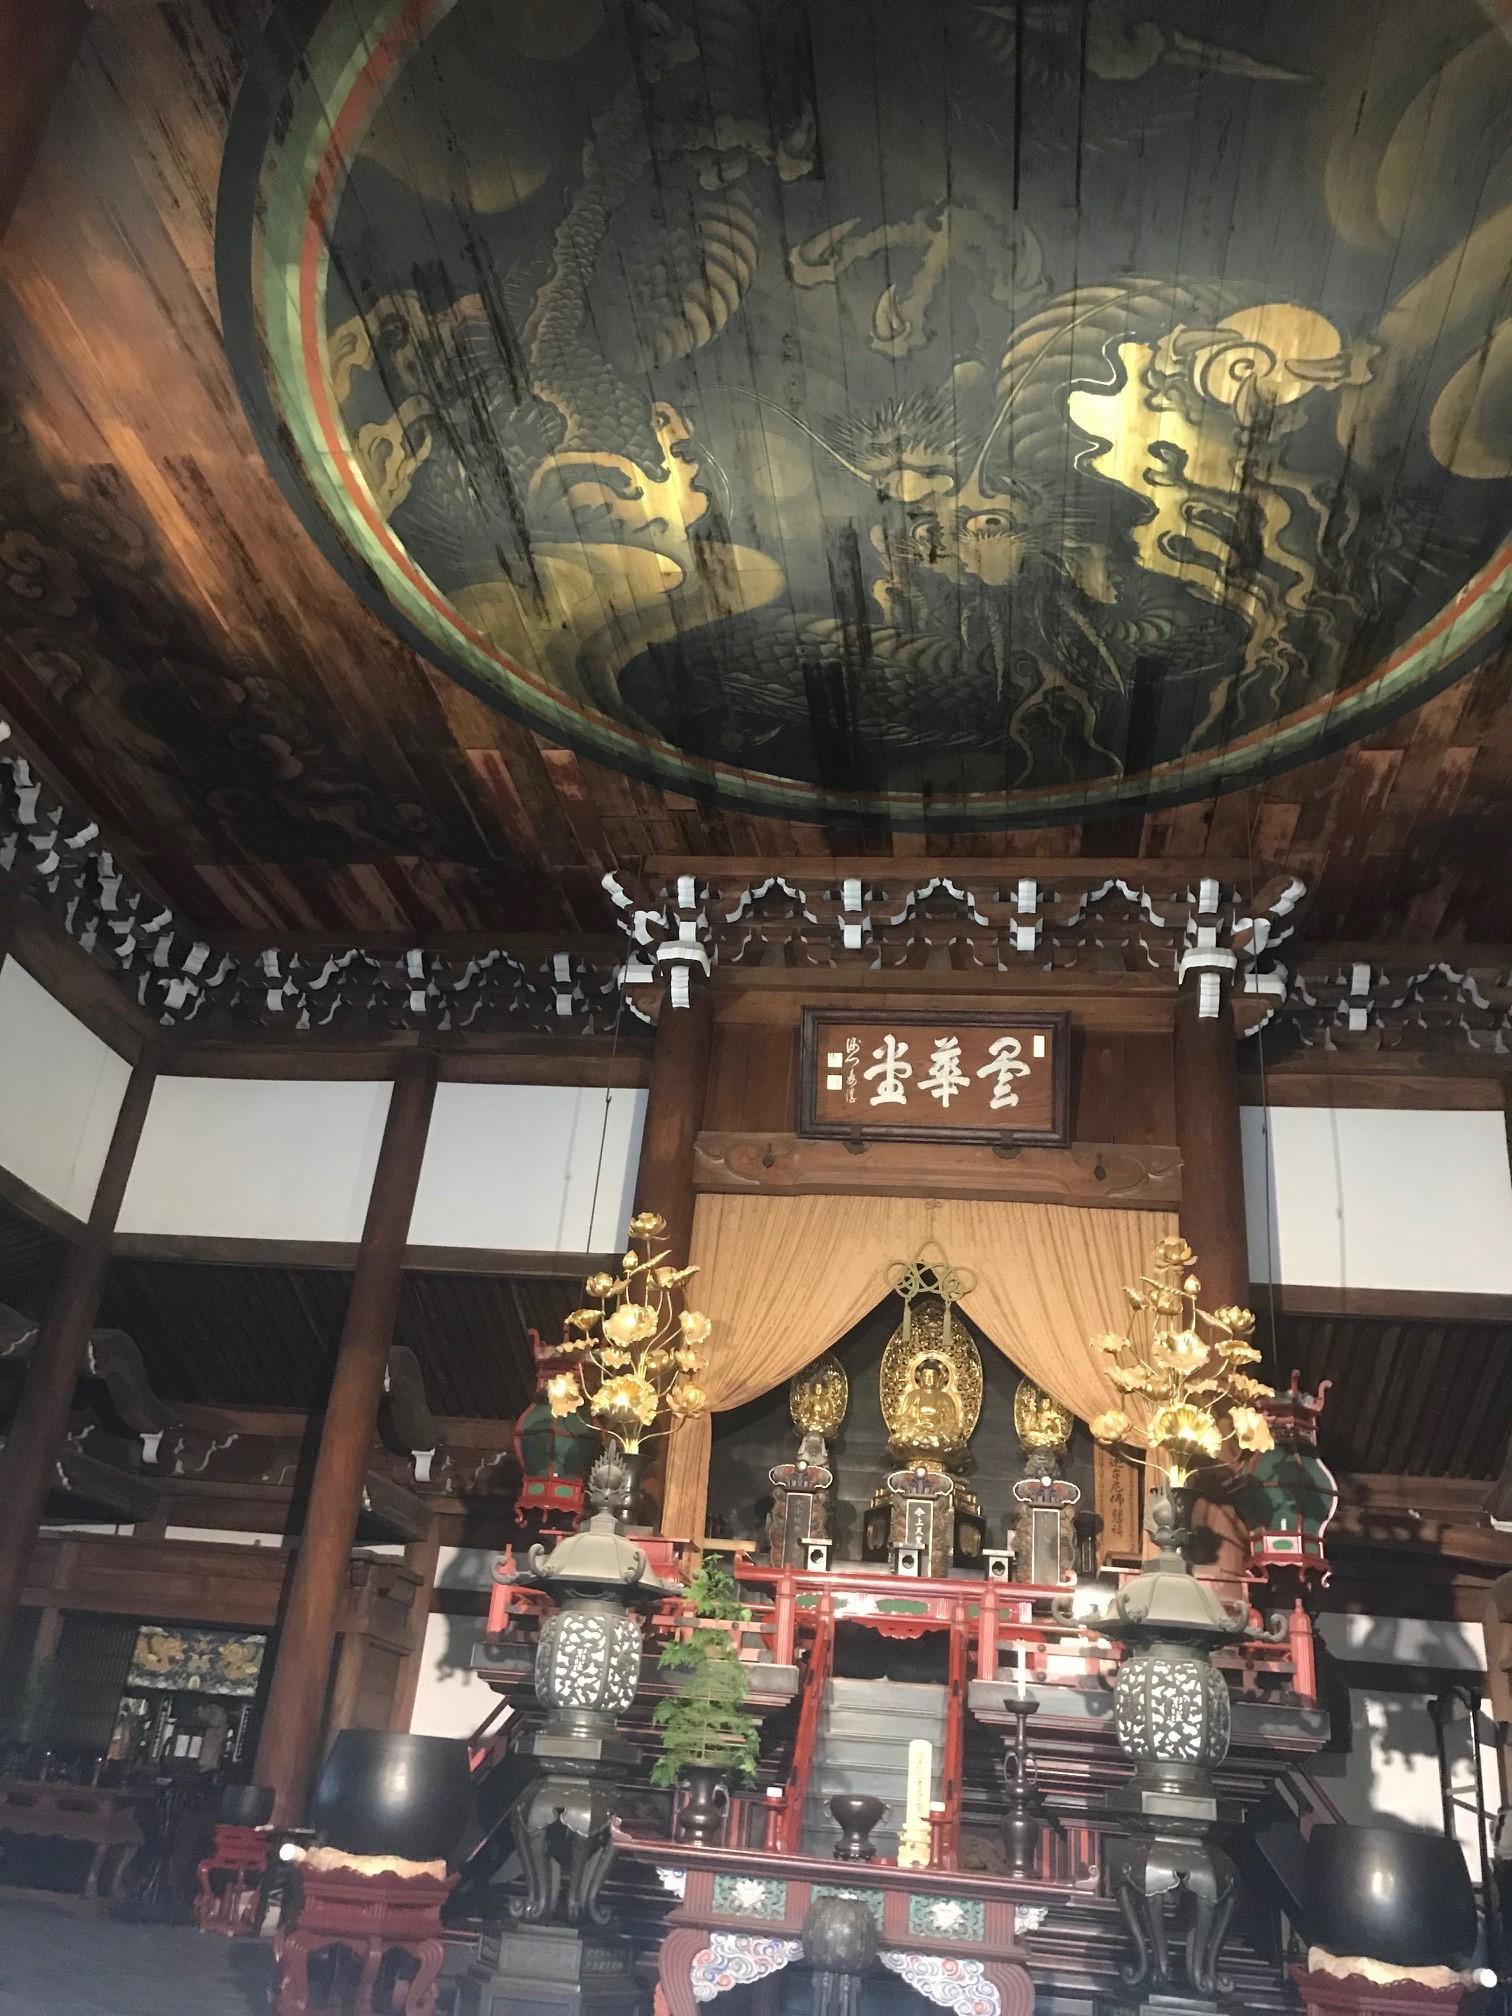 190918 南禅寺 龍の天井画